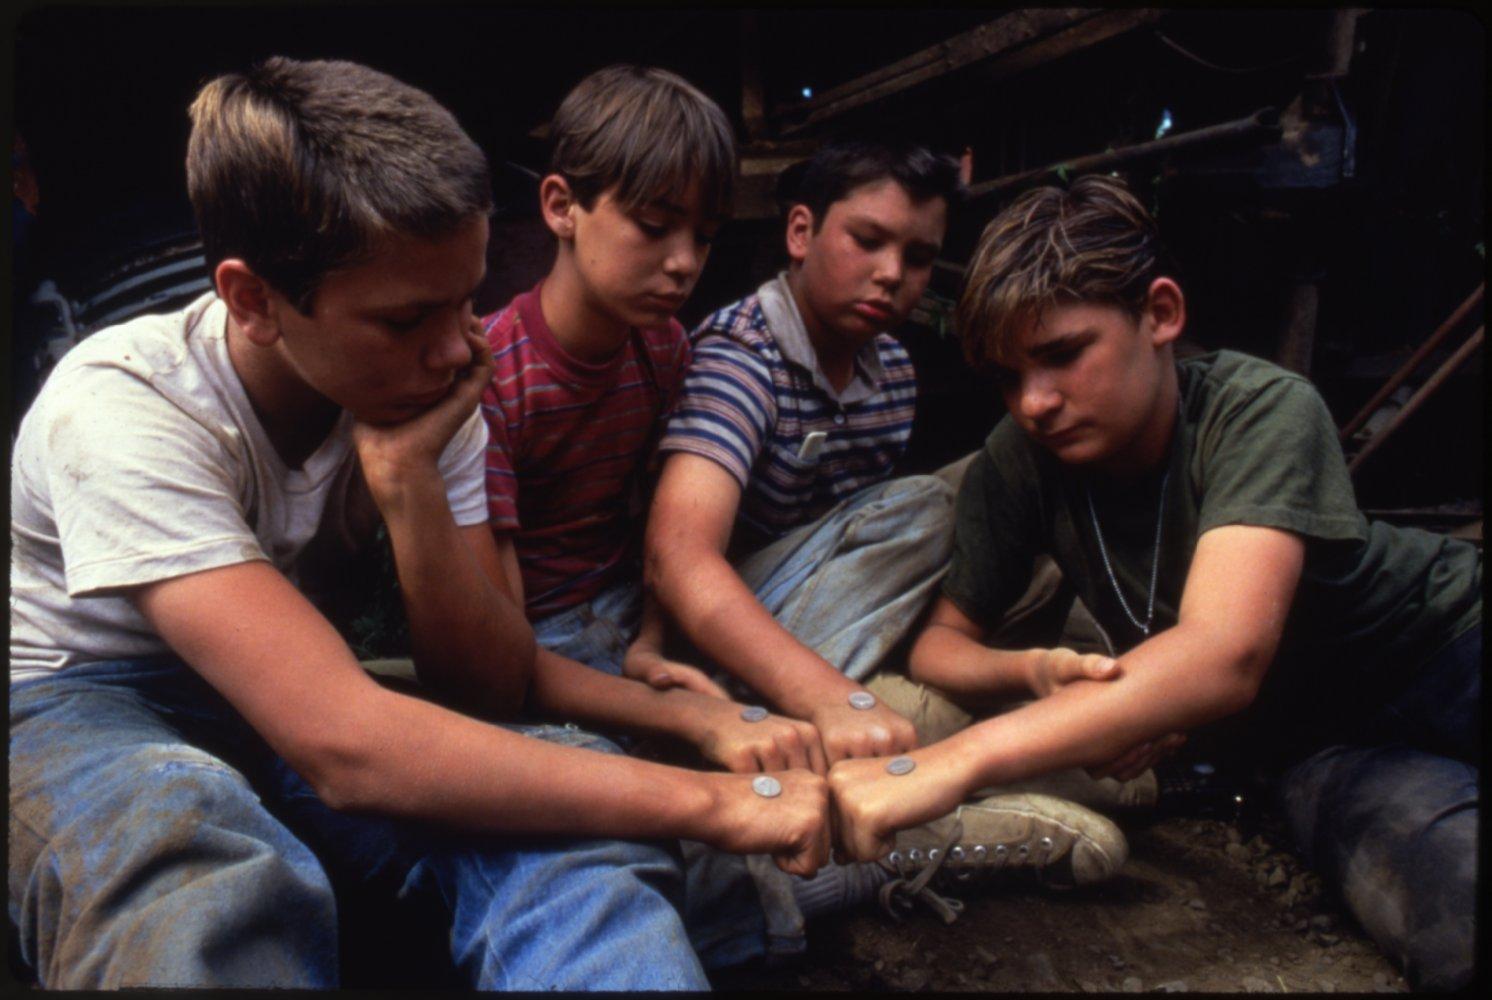 סרטים למתבגרים. בלוג רונית כפיר, אני והחברה